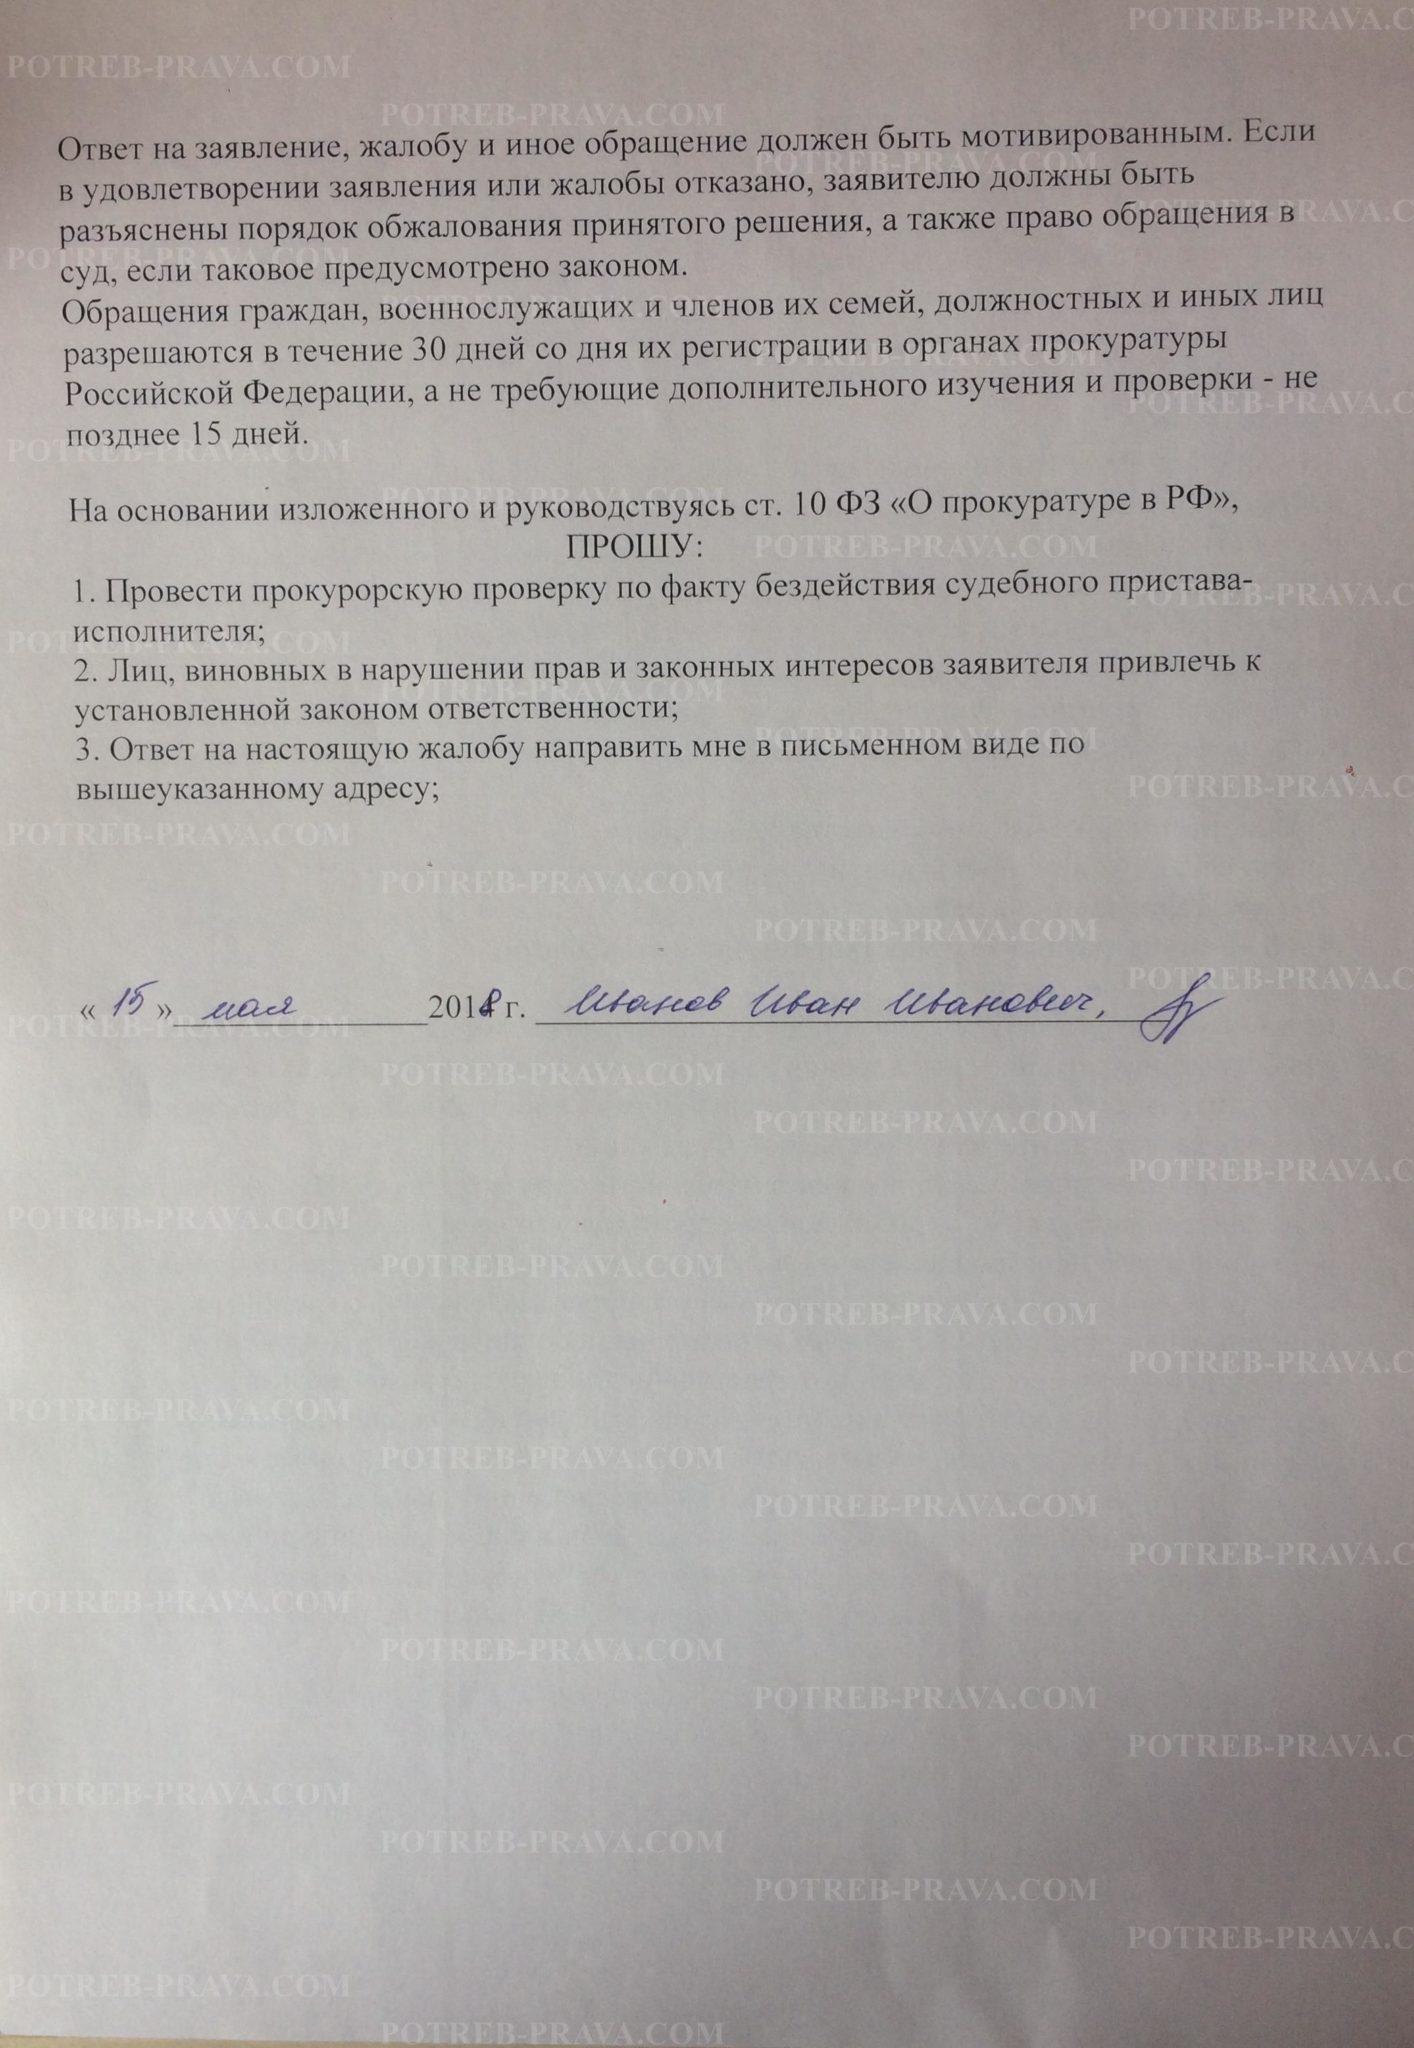 Пример заполнения жалобы на судебного пристава исполнителя за бездействие (4)